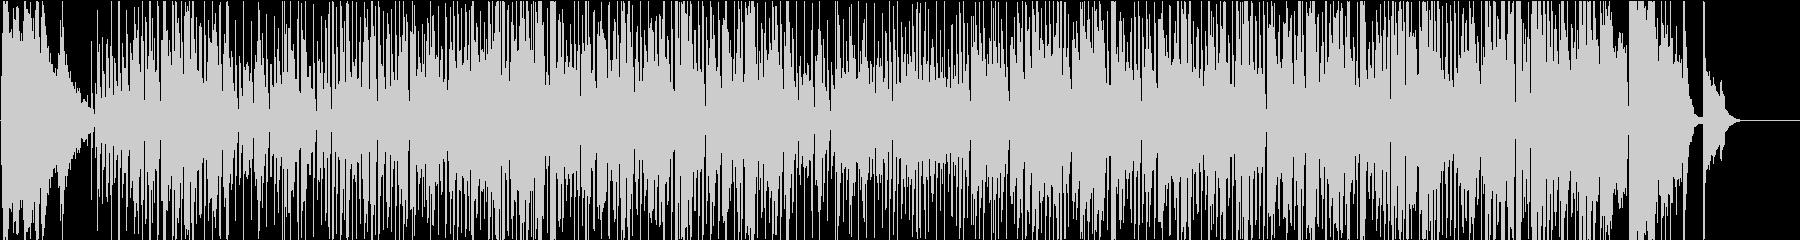 ギャグ向きのコミカルなジプシー・スイングの未再生の波形